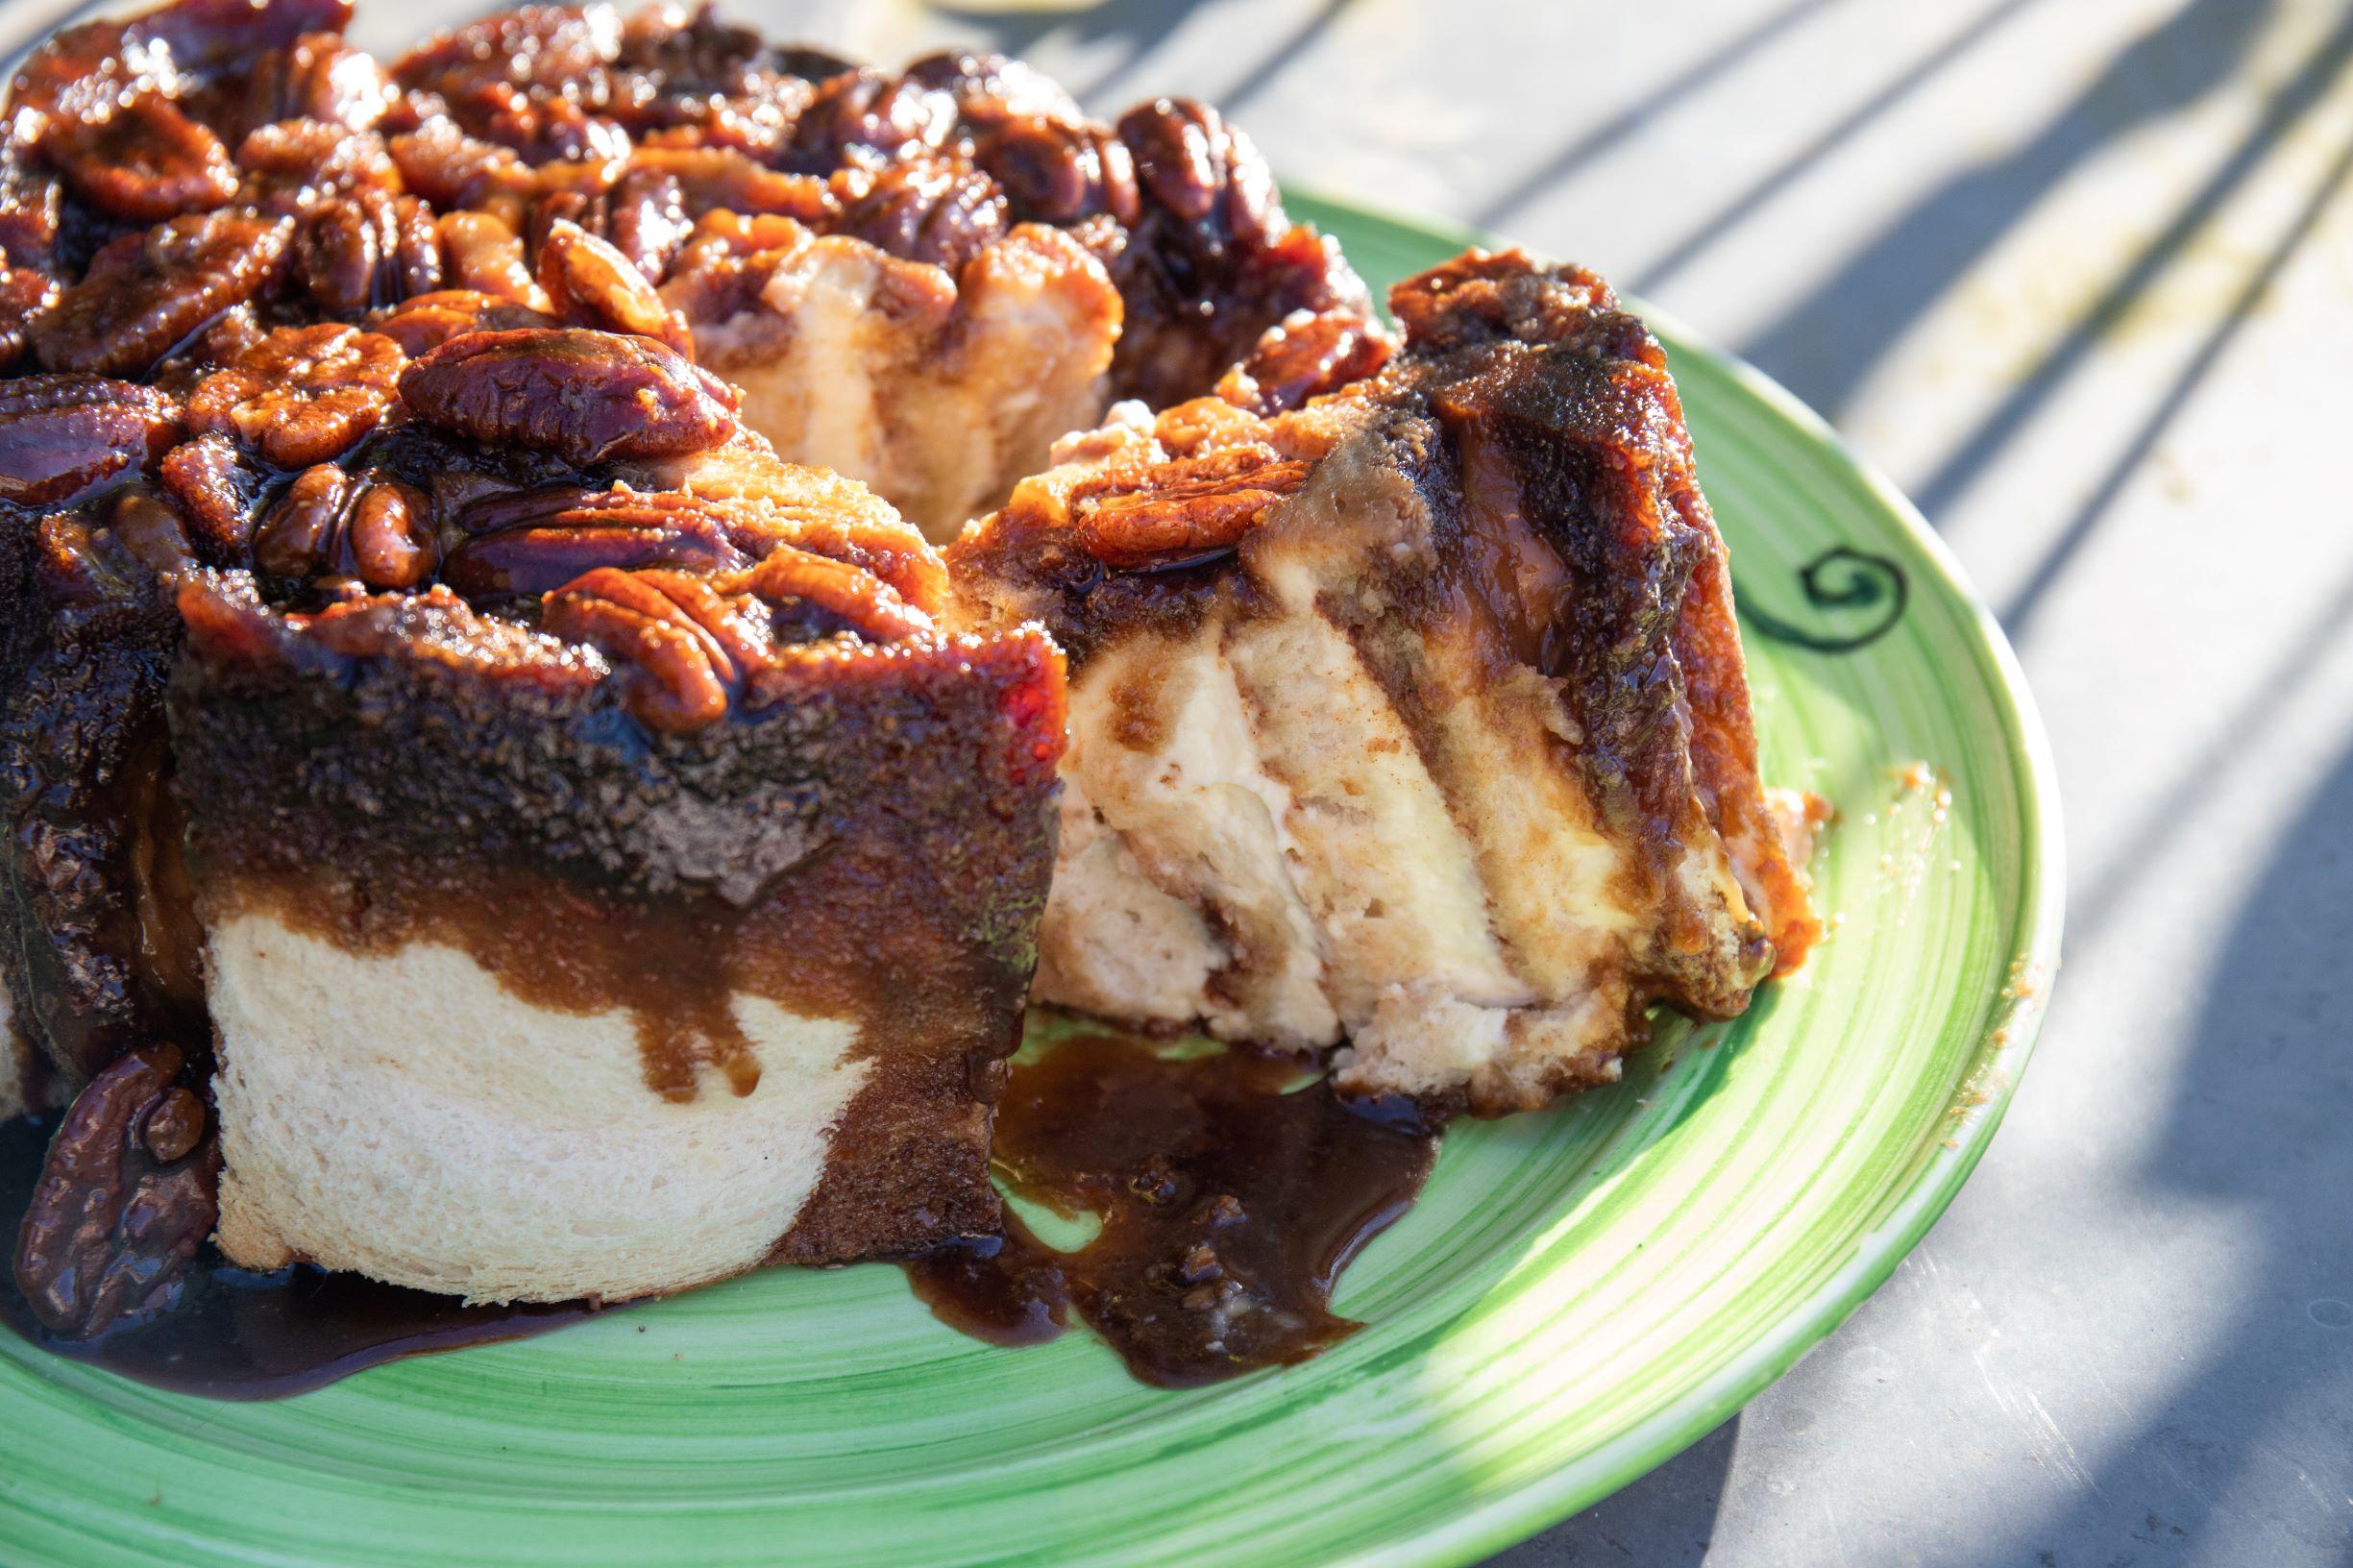 Voorbereidingstijd:   45 minuten    Baktijd:   40 minuten baktijd en  nog 10 minuten  om de cake goed af te laten koelen    Geinspireerd op:   TASTY, by Julie Klink    Video  : www.tasty.co/sticky-bun-cake